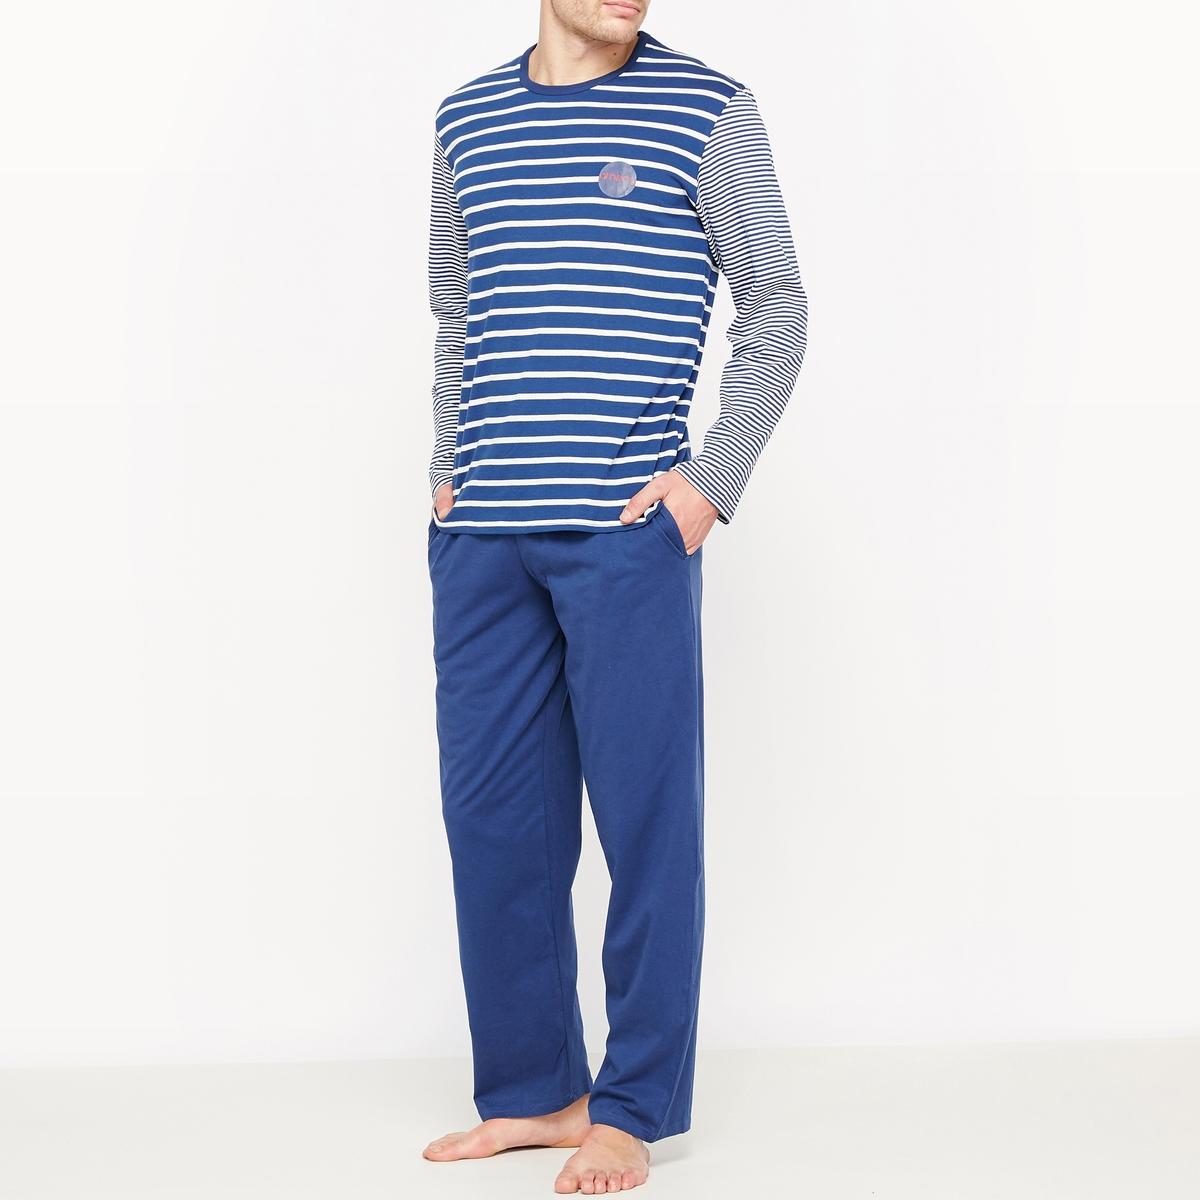 Пижама из 100% хлопка в полоску